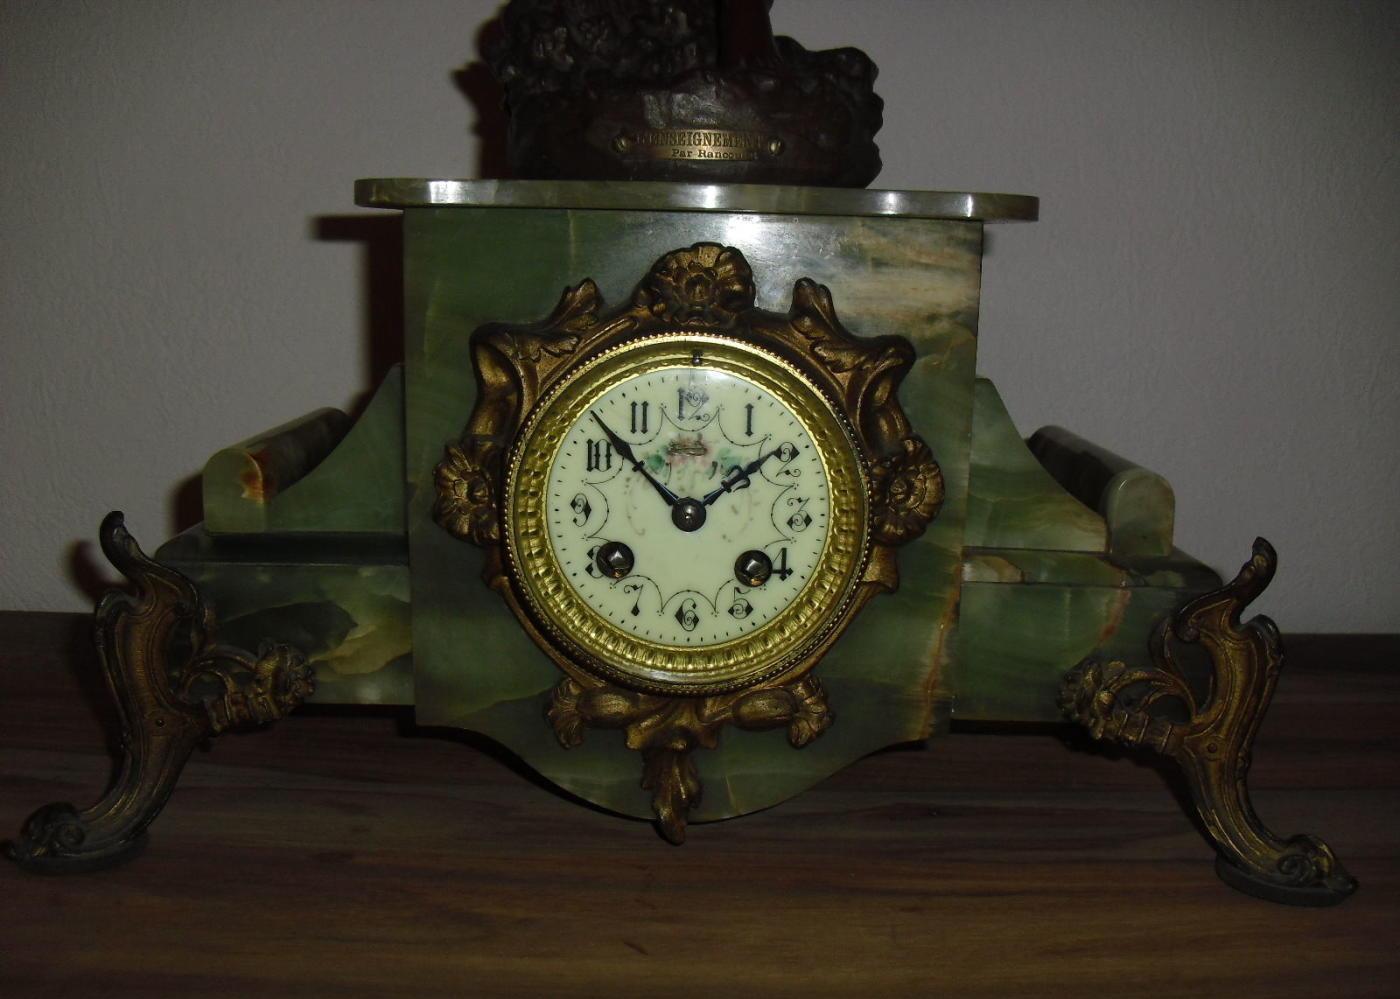 Величественные, монументальные и торжественные часы, способные стать настоящим украшением любого интерьера!